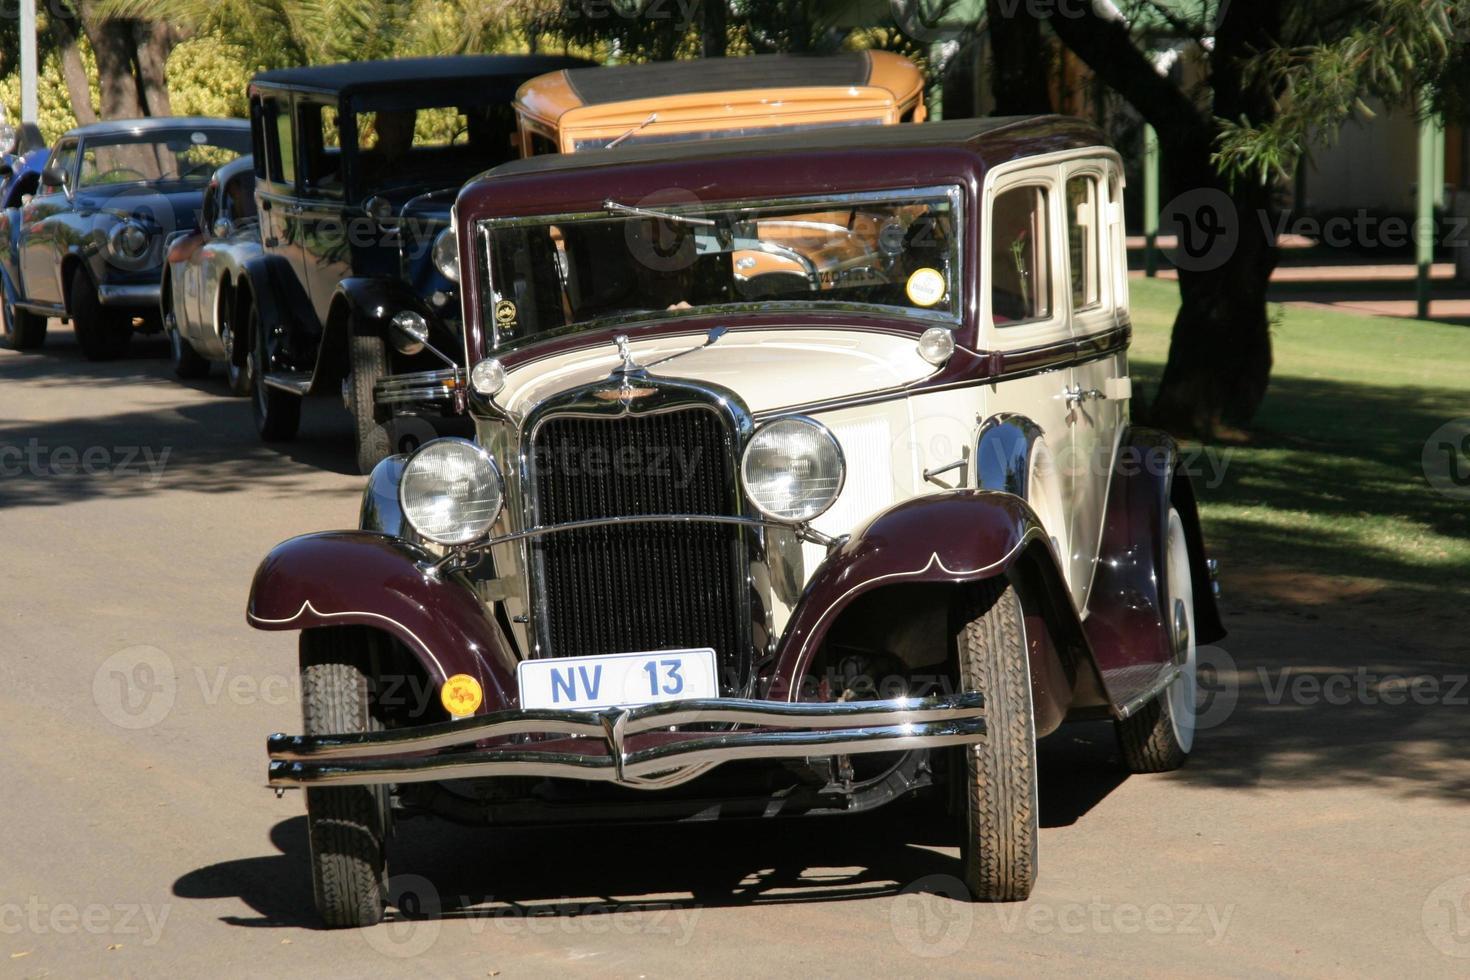 carro antigo dos anos 30 close-up vista foto